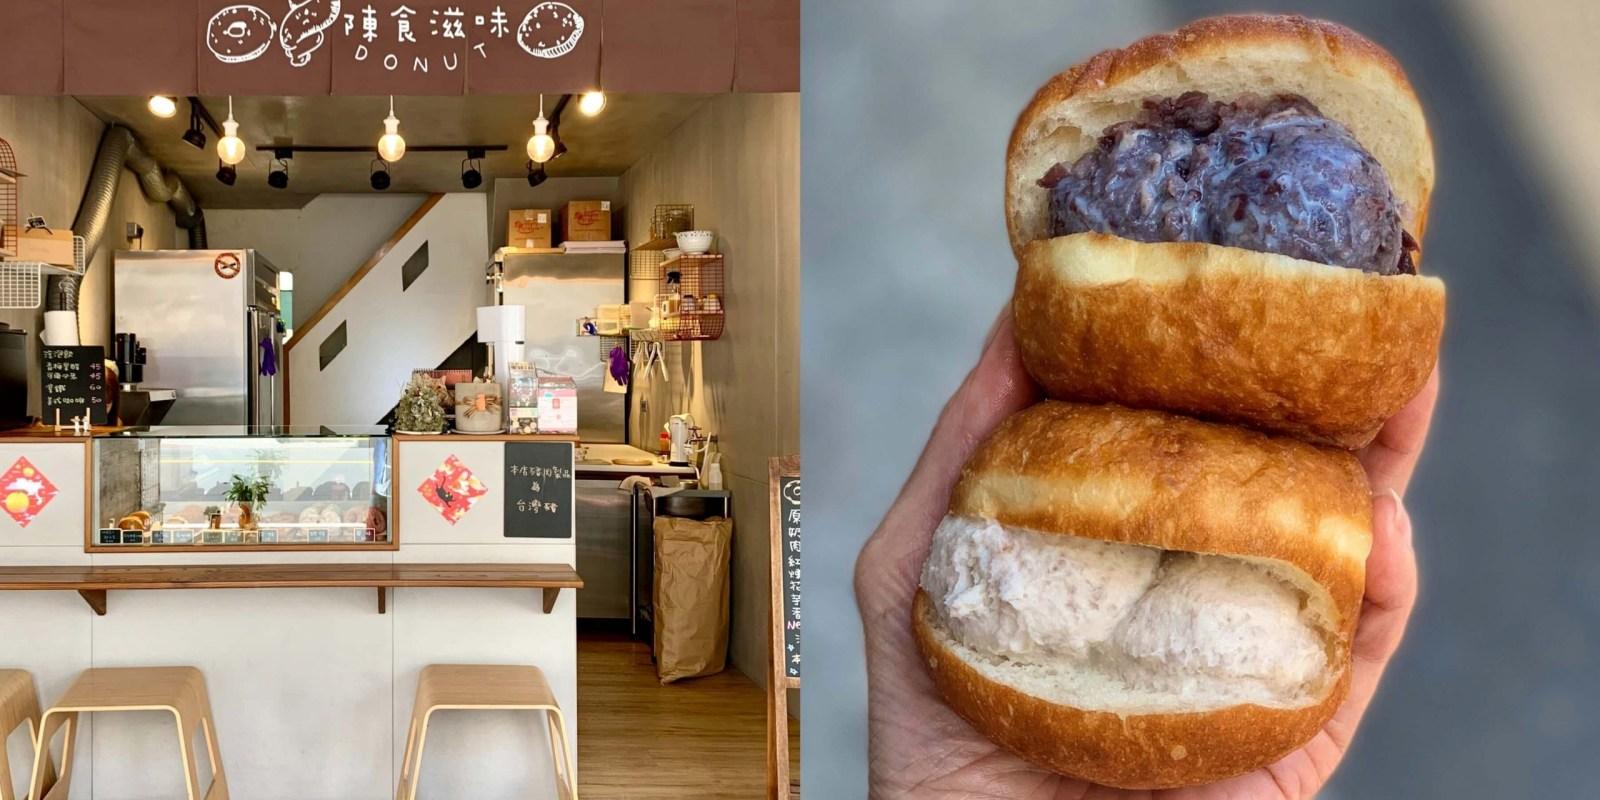 【基隆美食】陳食滋味 帶有日式清新風格的甜甜圈專賣店,多種鹹甜口味一次擁有!